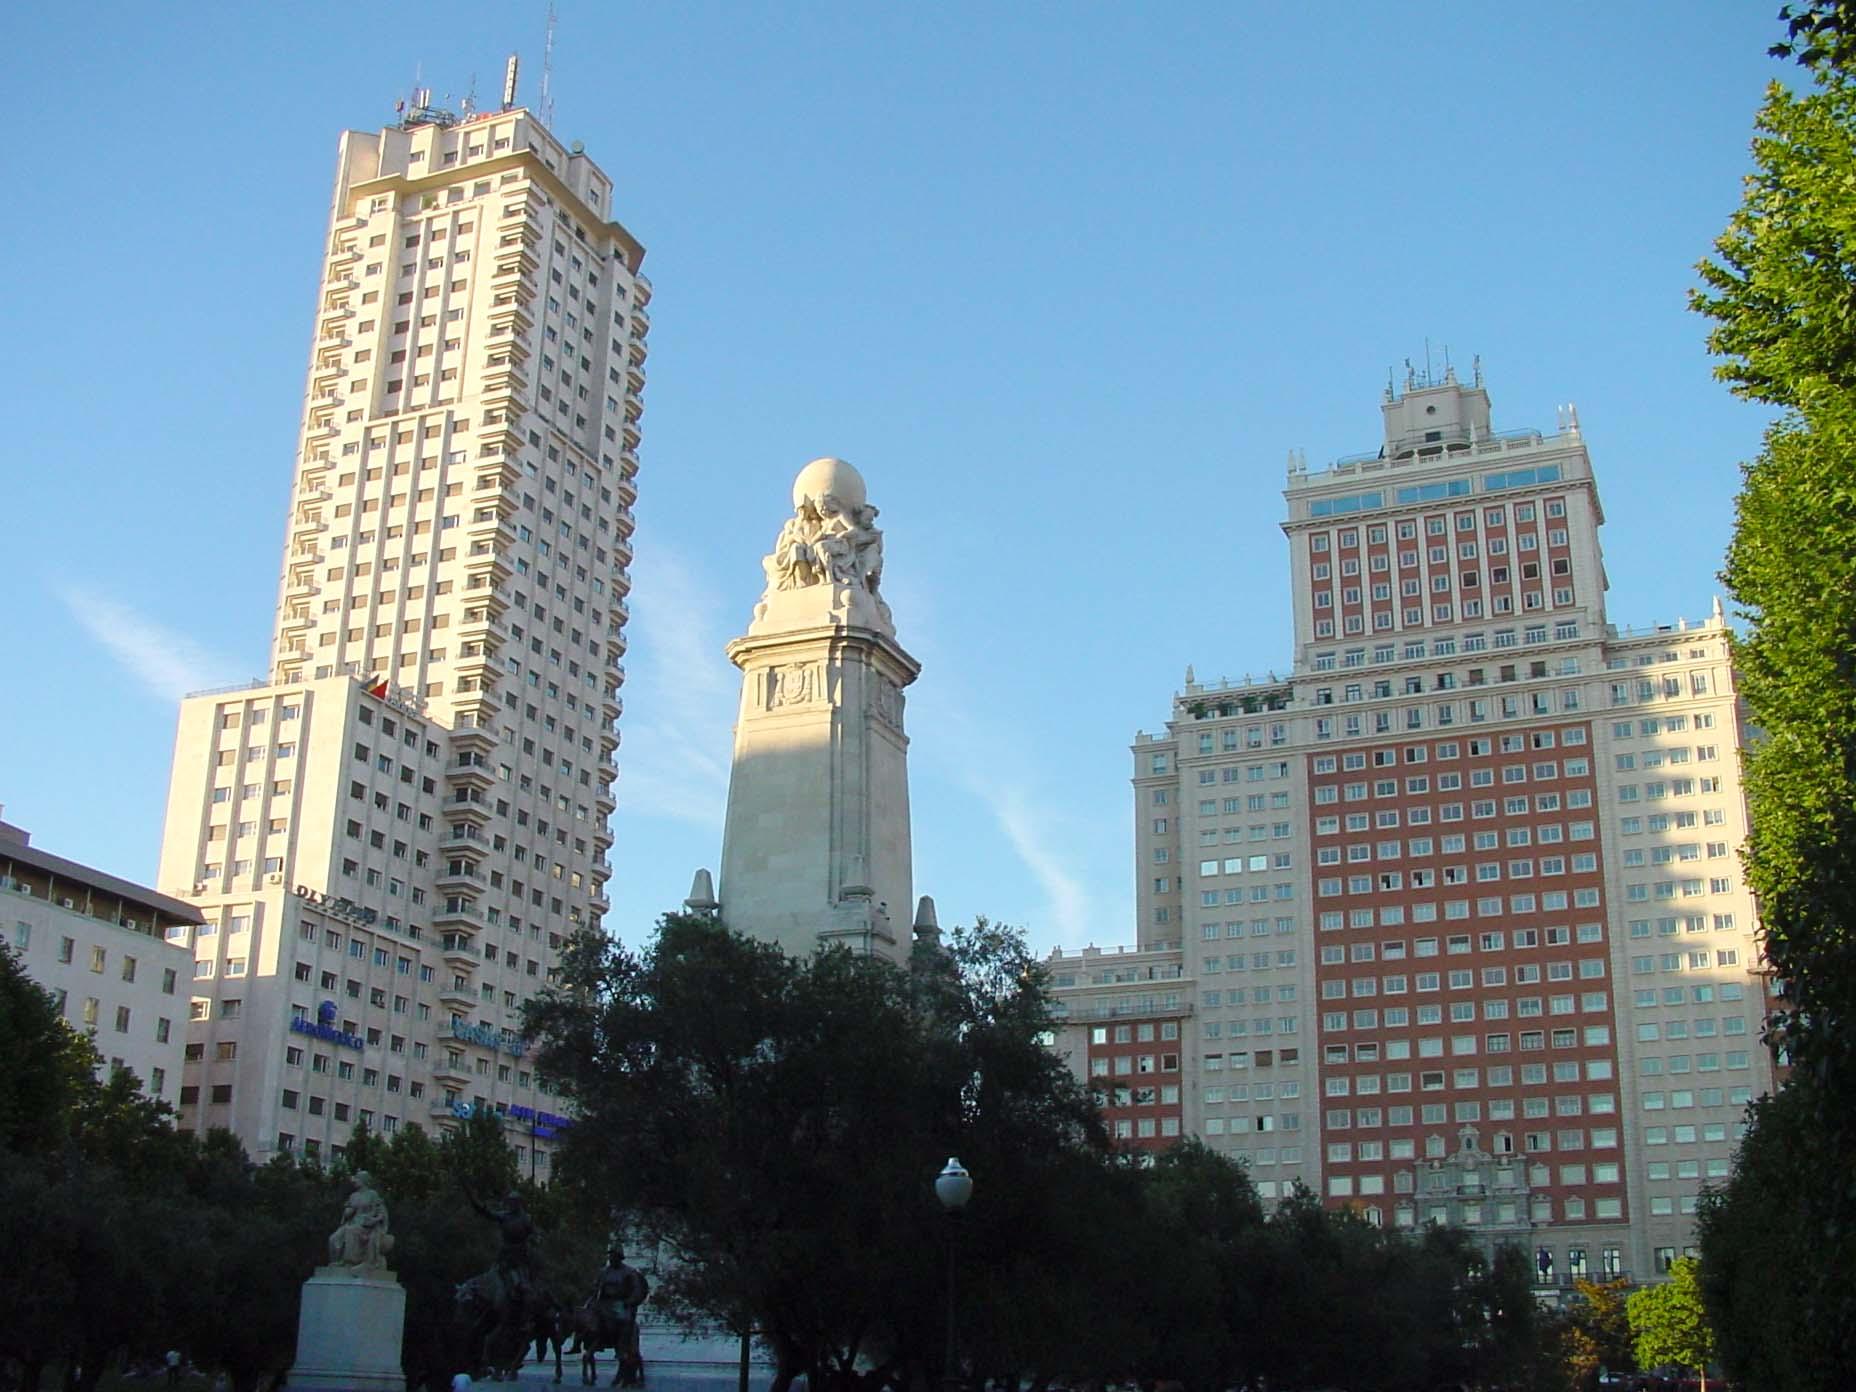 Edificio de Espana şi Torre de Madrid, două dintre cele mai mari clădiri ale oraşului